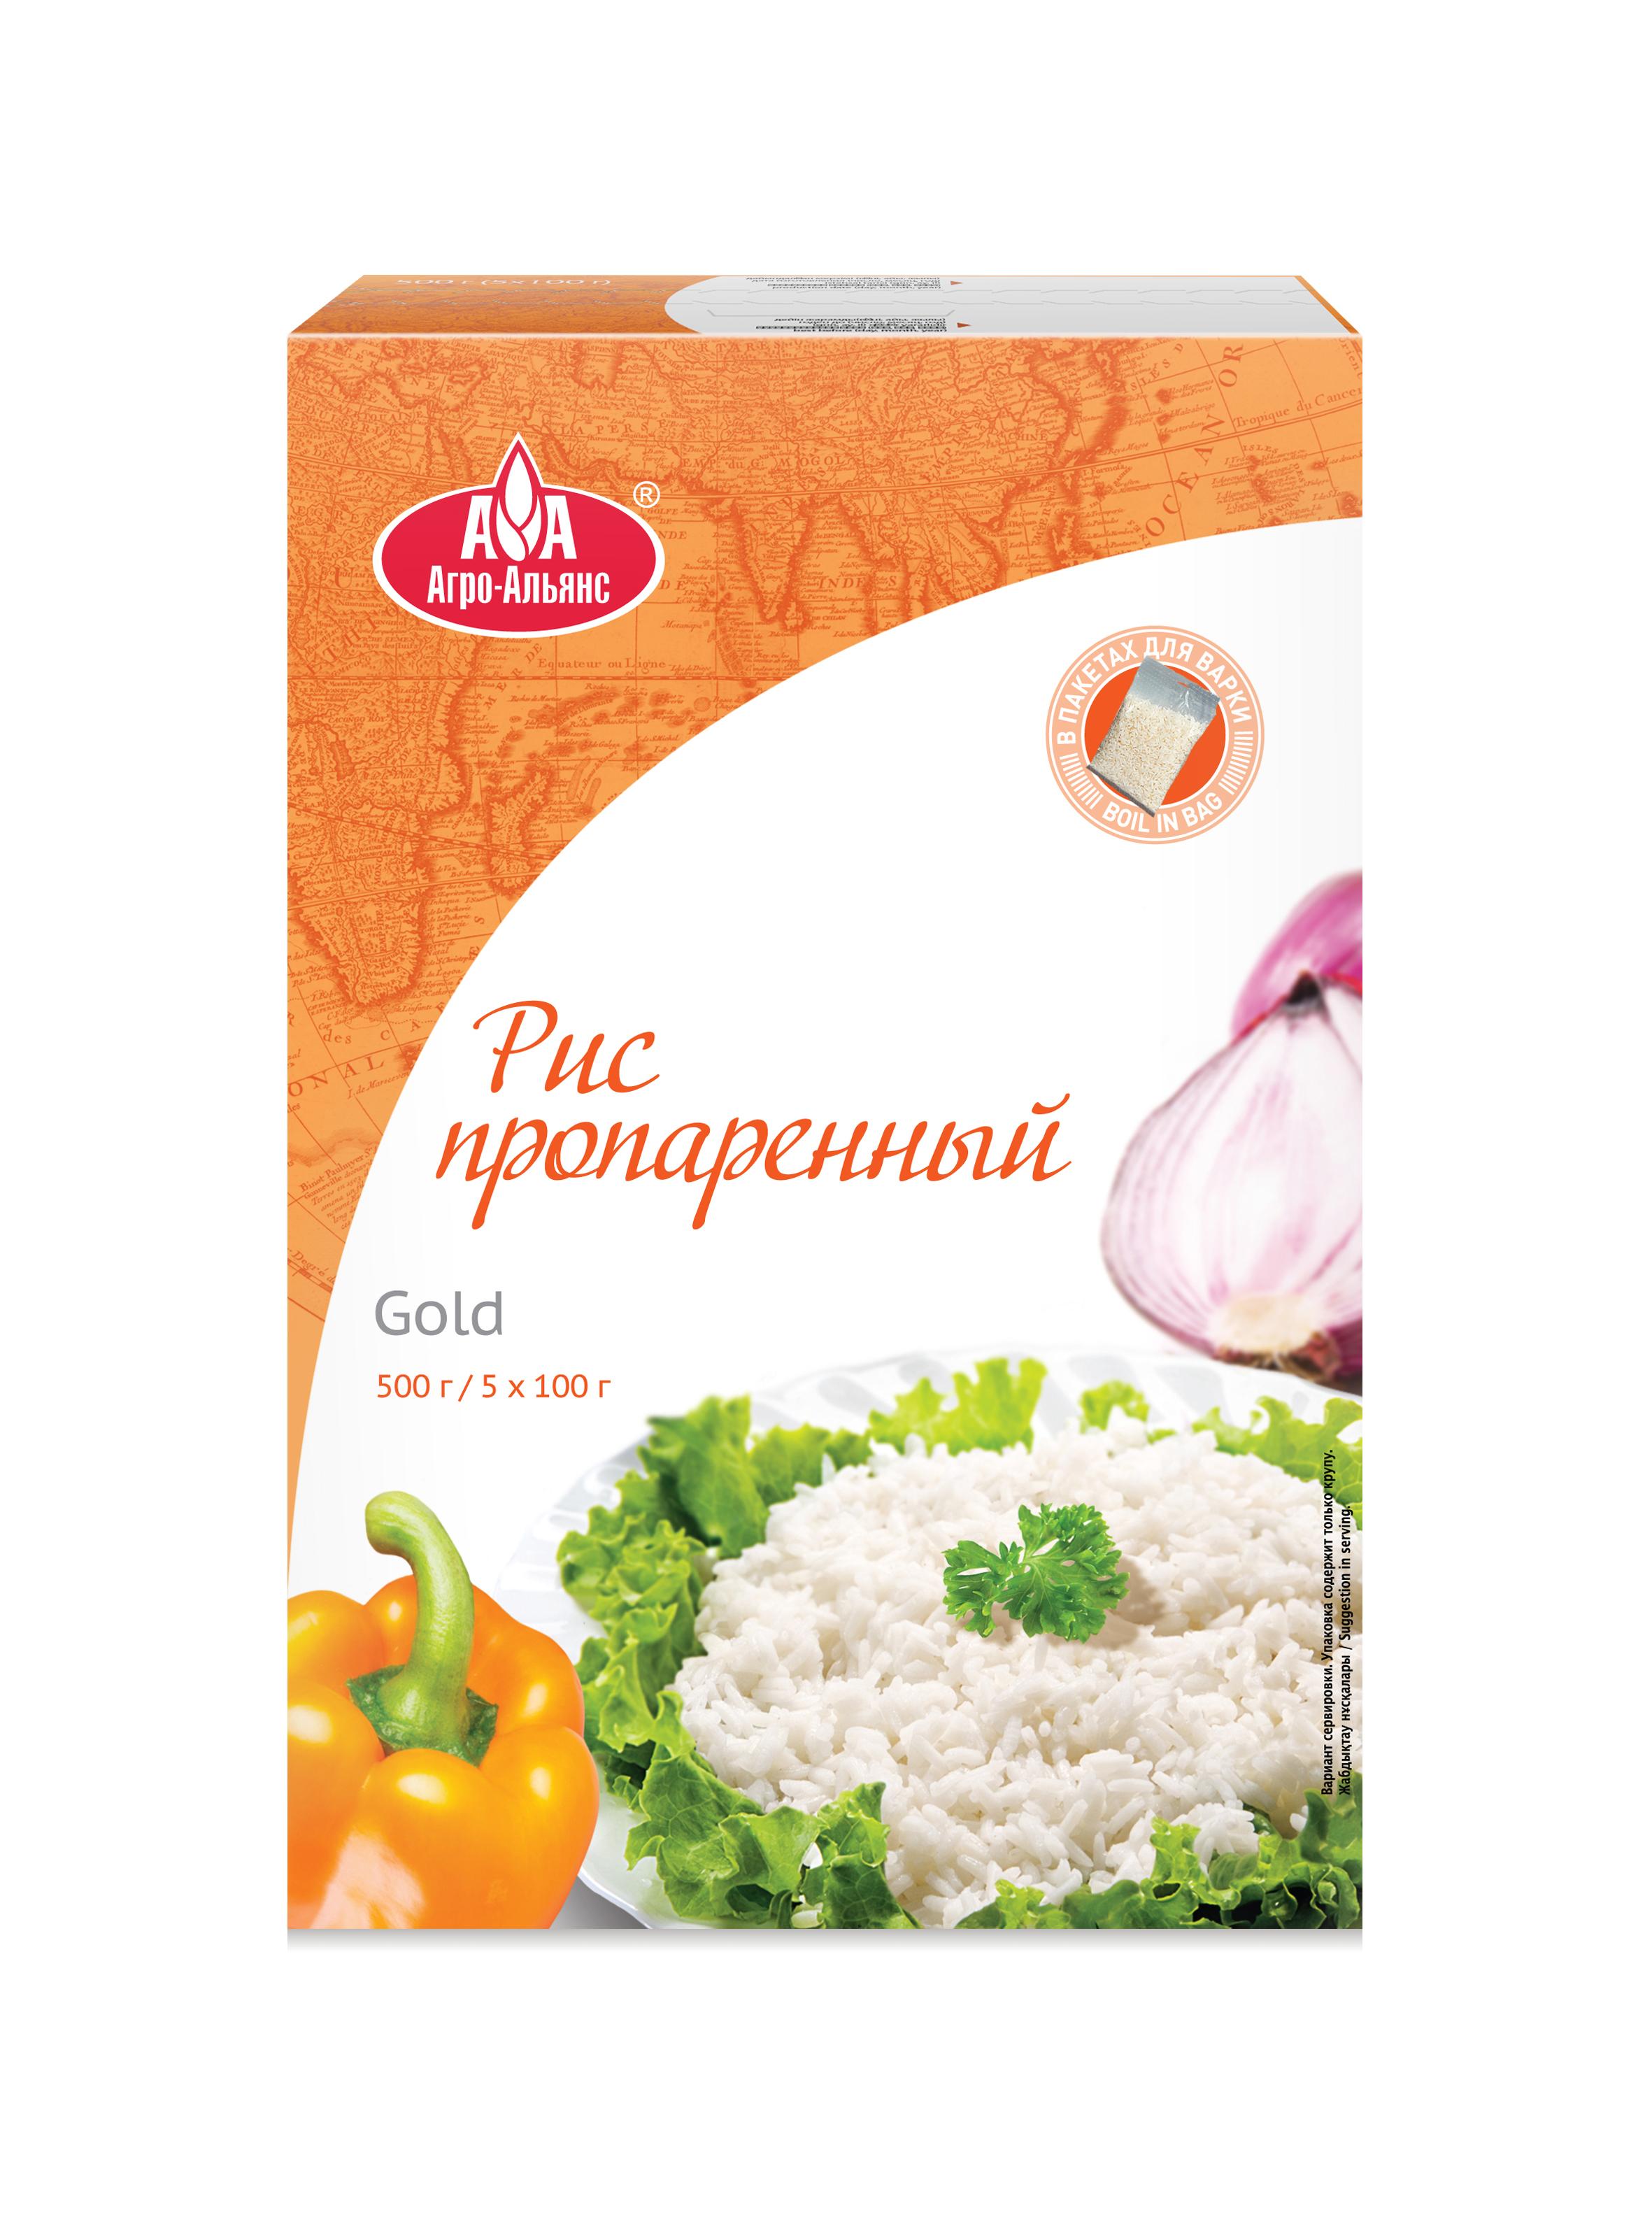 Рис Агро-Альянс пропаренный GOLD в пакетиках для варки, 500 г агро альянс каскад рис пропаренный золотой 900 г